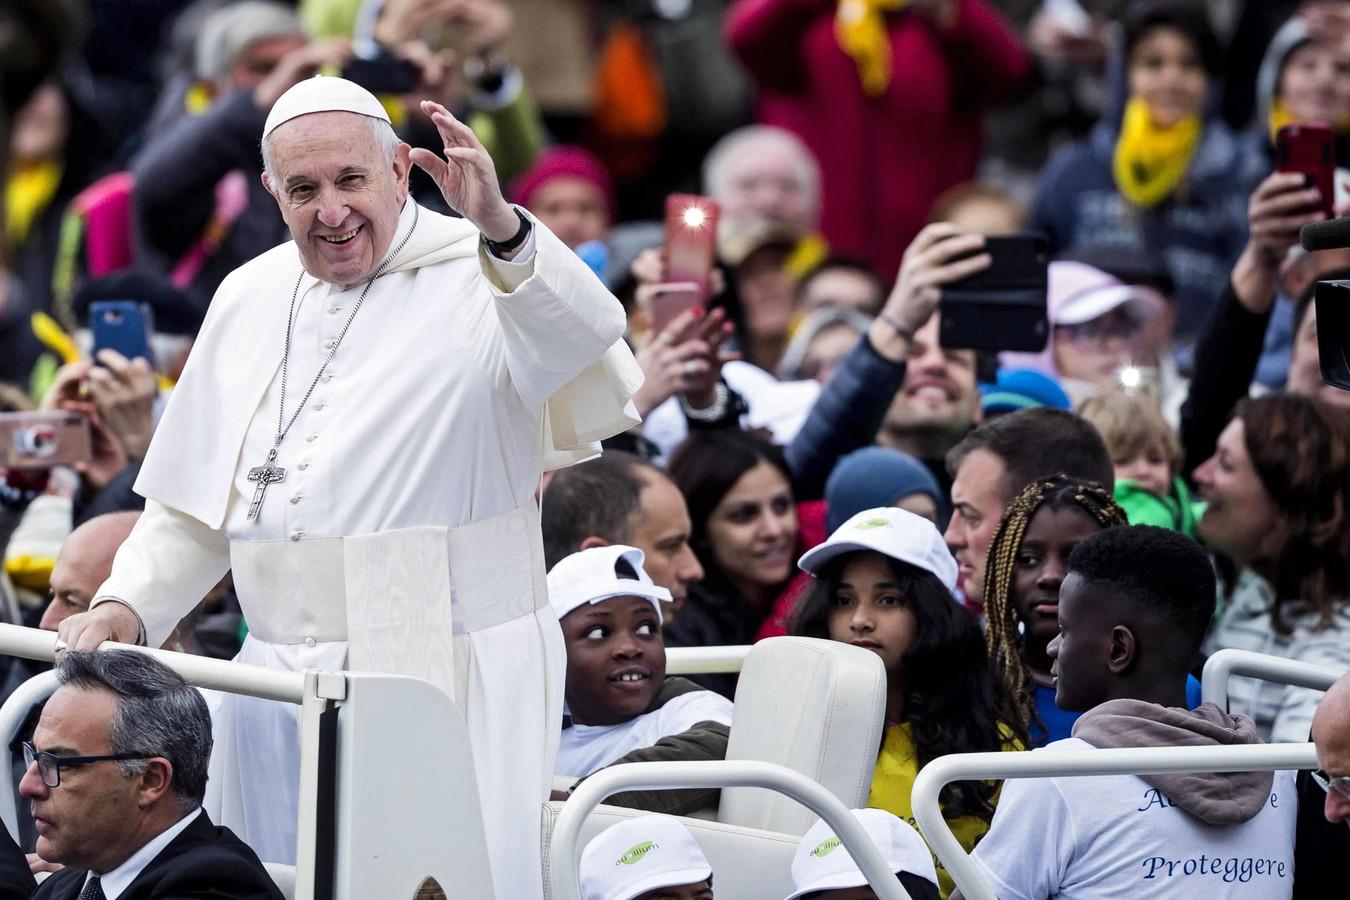 De paus nam acht migrantenkinderen mee voor een ererondje over het Pietersplein.